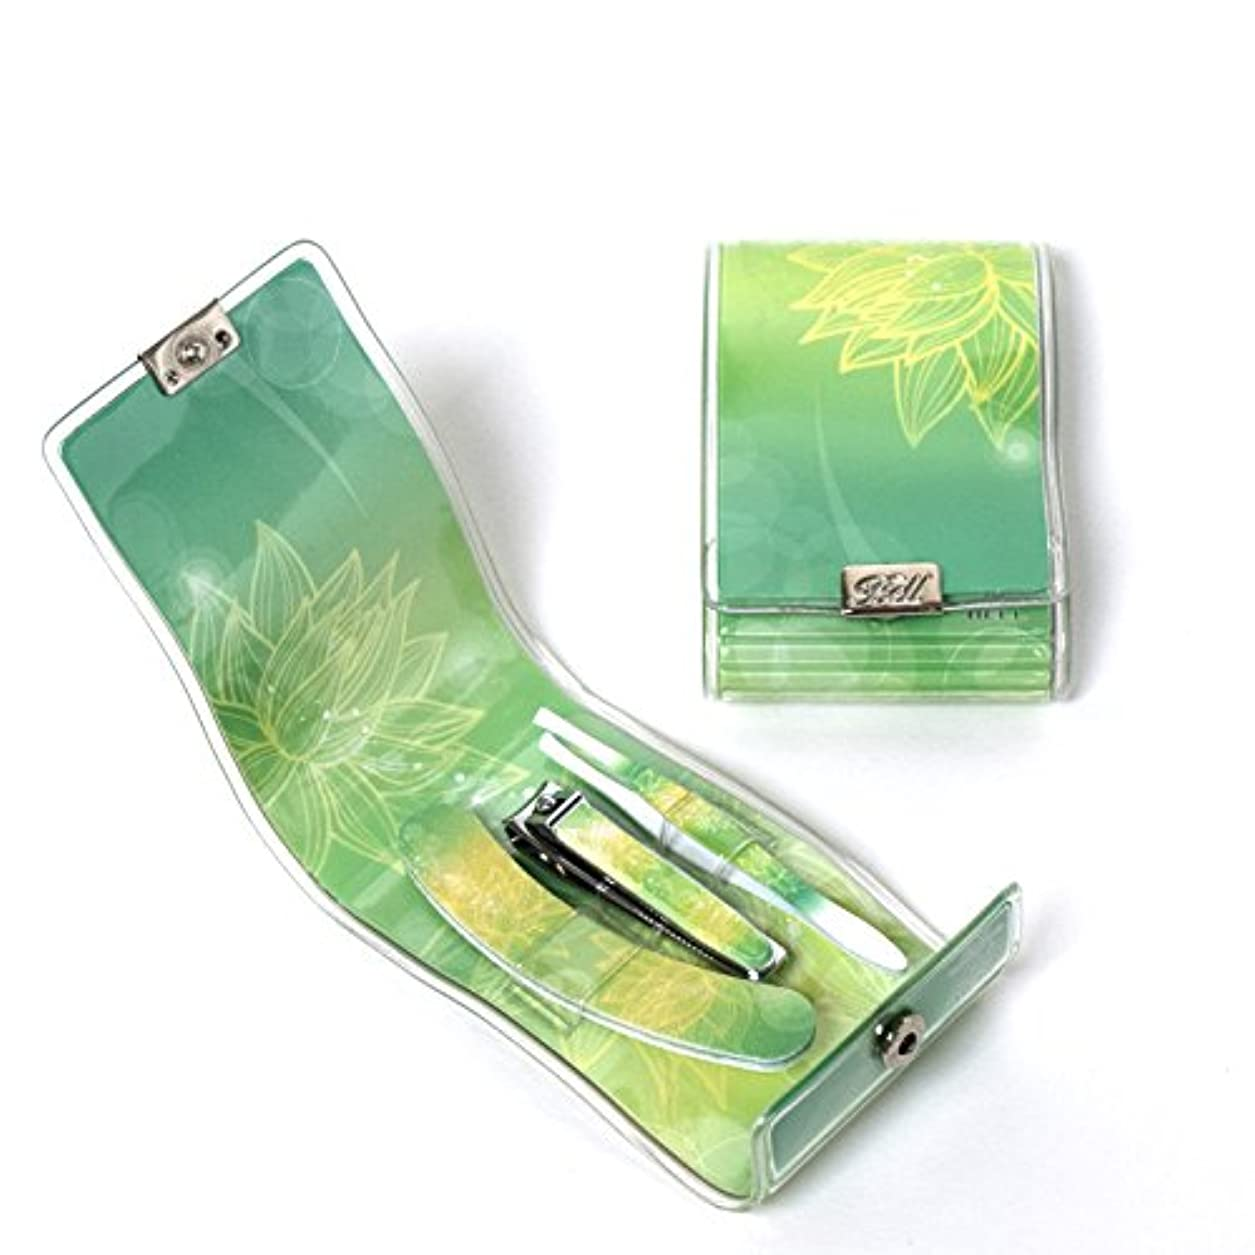 イソギンチャクスラダムシャベルBELL Manicure Sets BM-9932 ポータブル爪ケアセットトラベル爪切りセットステンレス鋼の失速構成花のイラストが挿入された透明高周波ケースPortable Nail Clippers Nail Care...